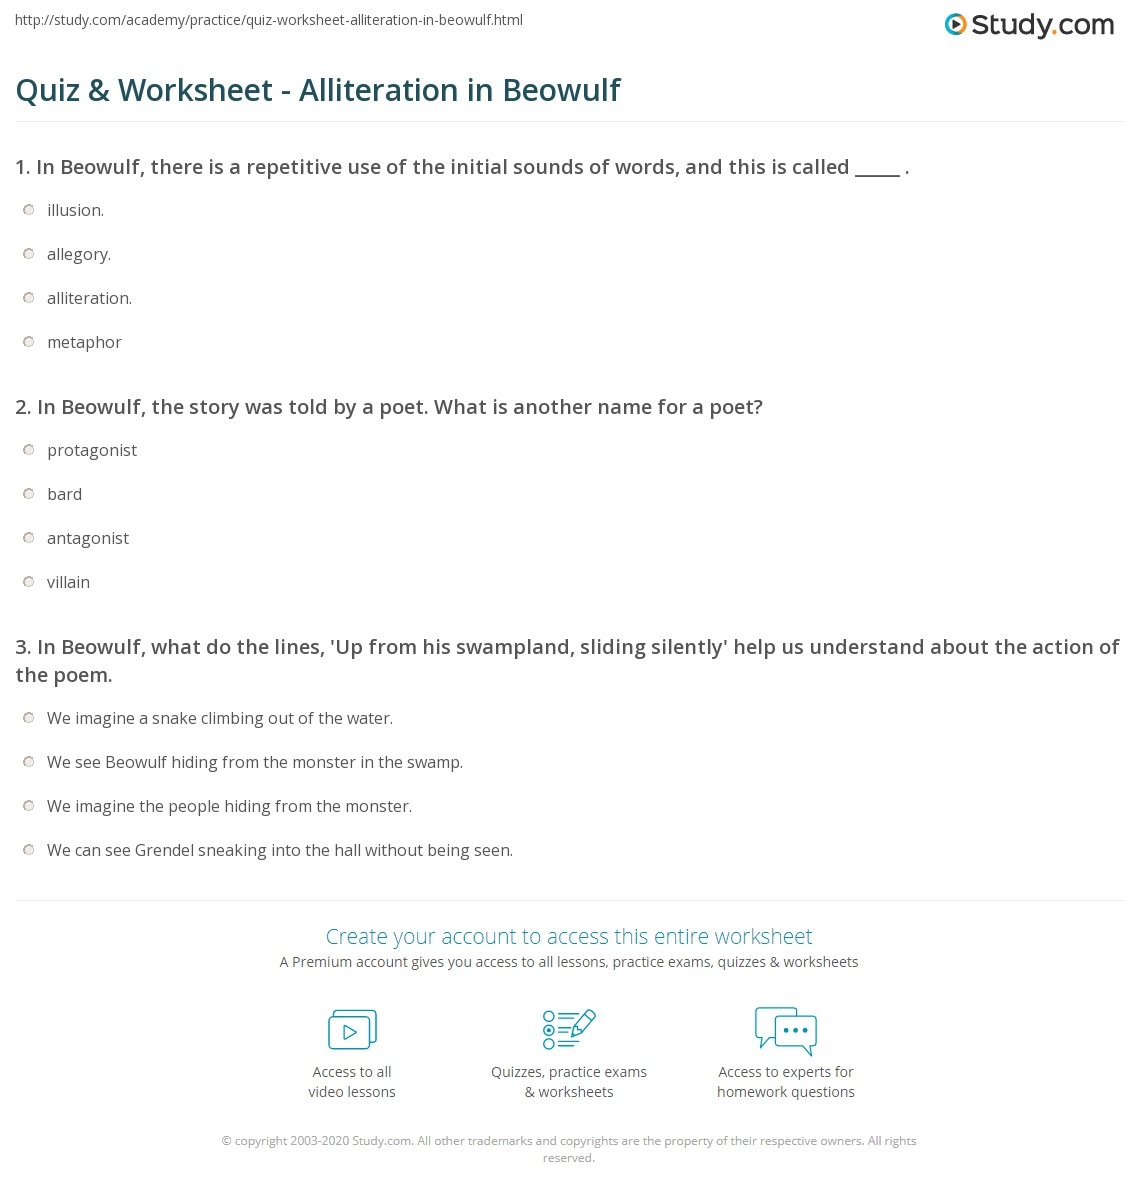 Quiz & Worksheet - Alliteration in Beowulf | Study.com